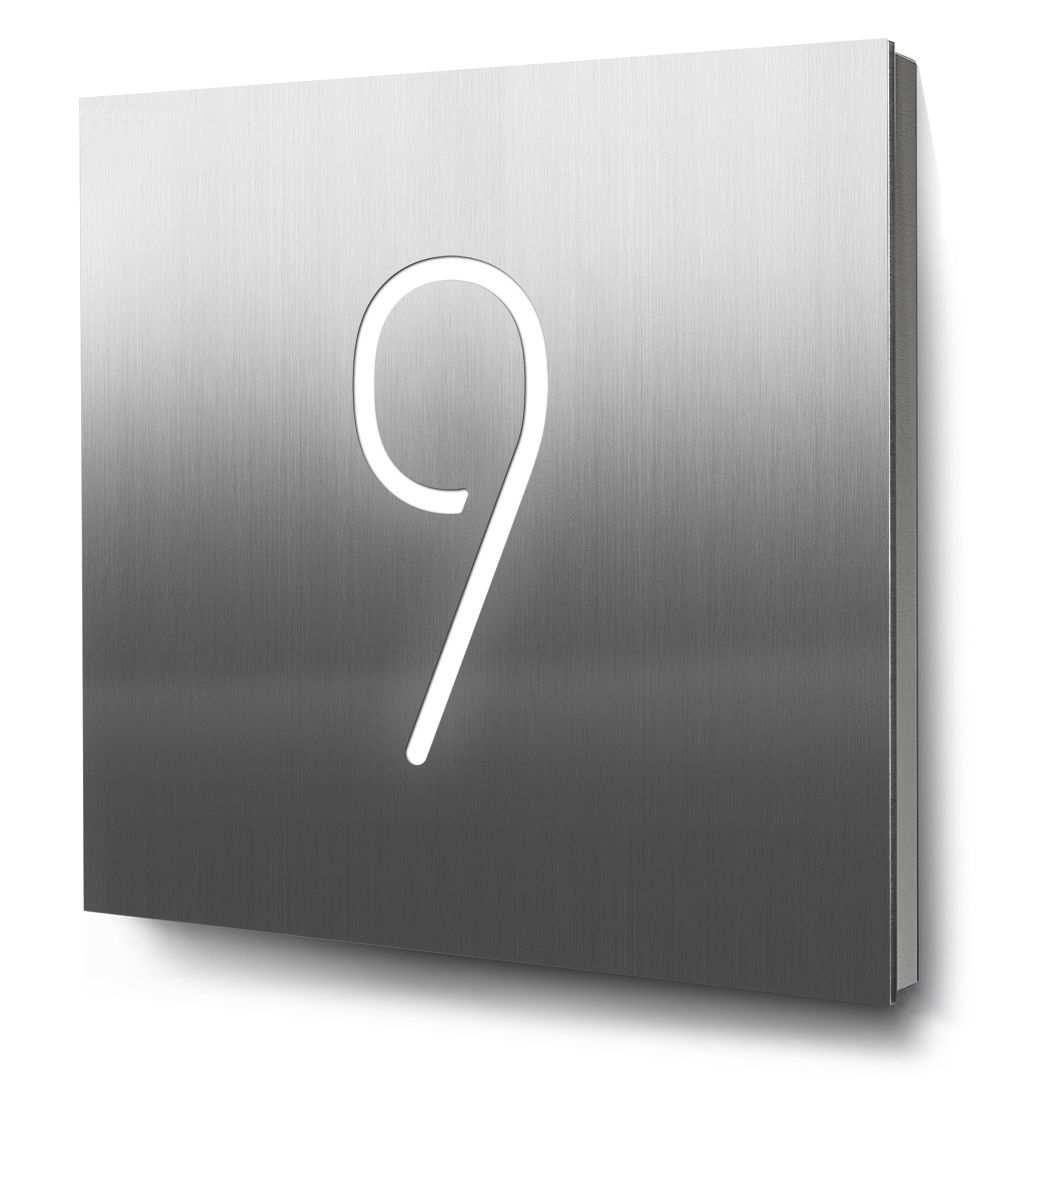 Hausnummer 9 Edelstahl Beleuchtet Hausnummer Beleuchtet Beleuchten Hausnummern